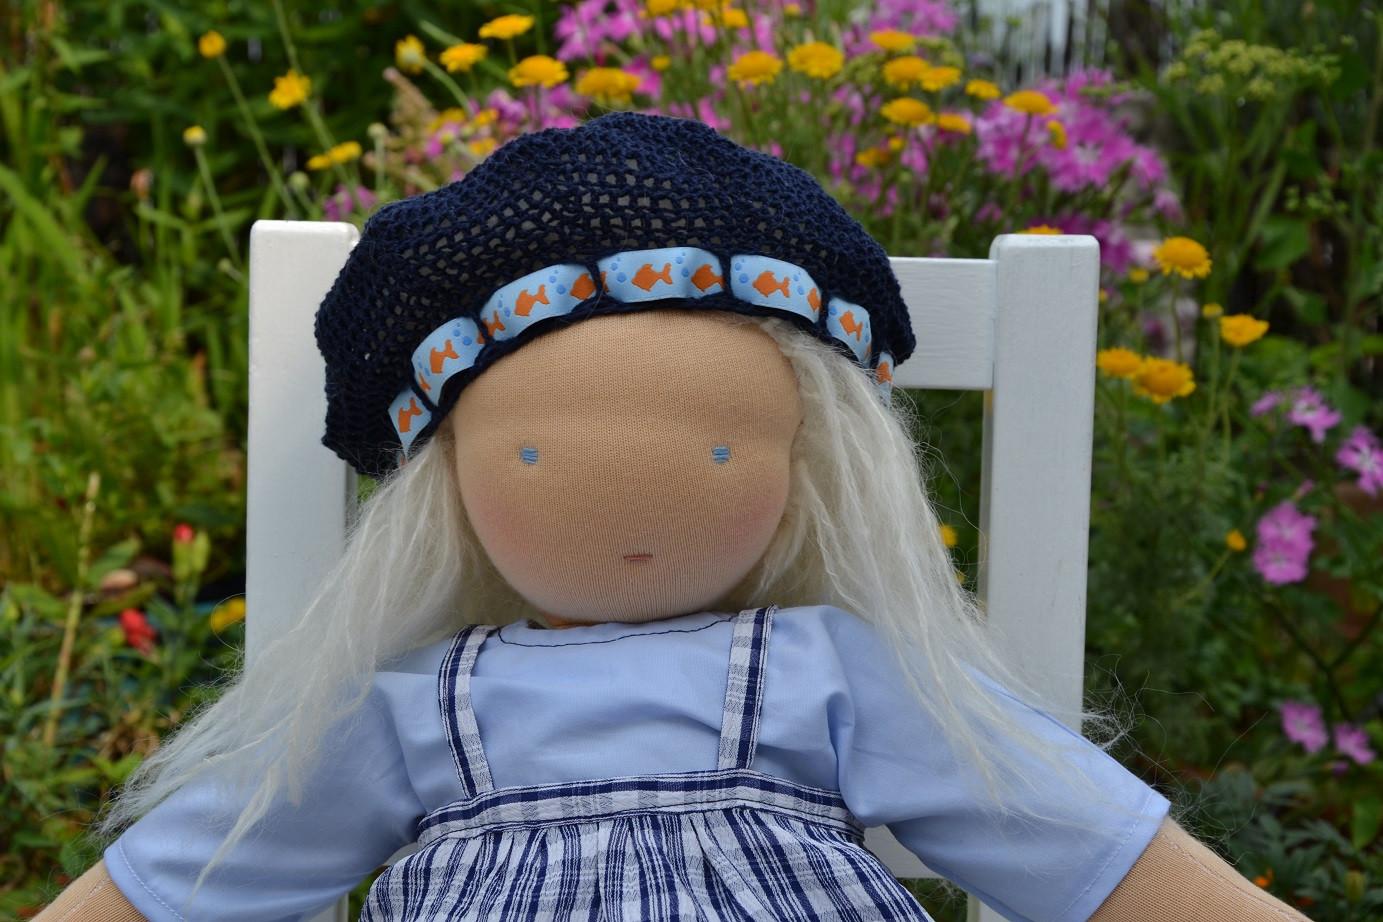 Puppenmädchen Franziska